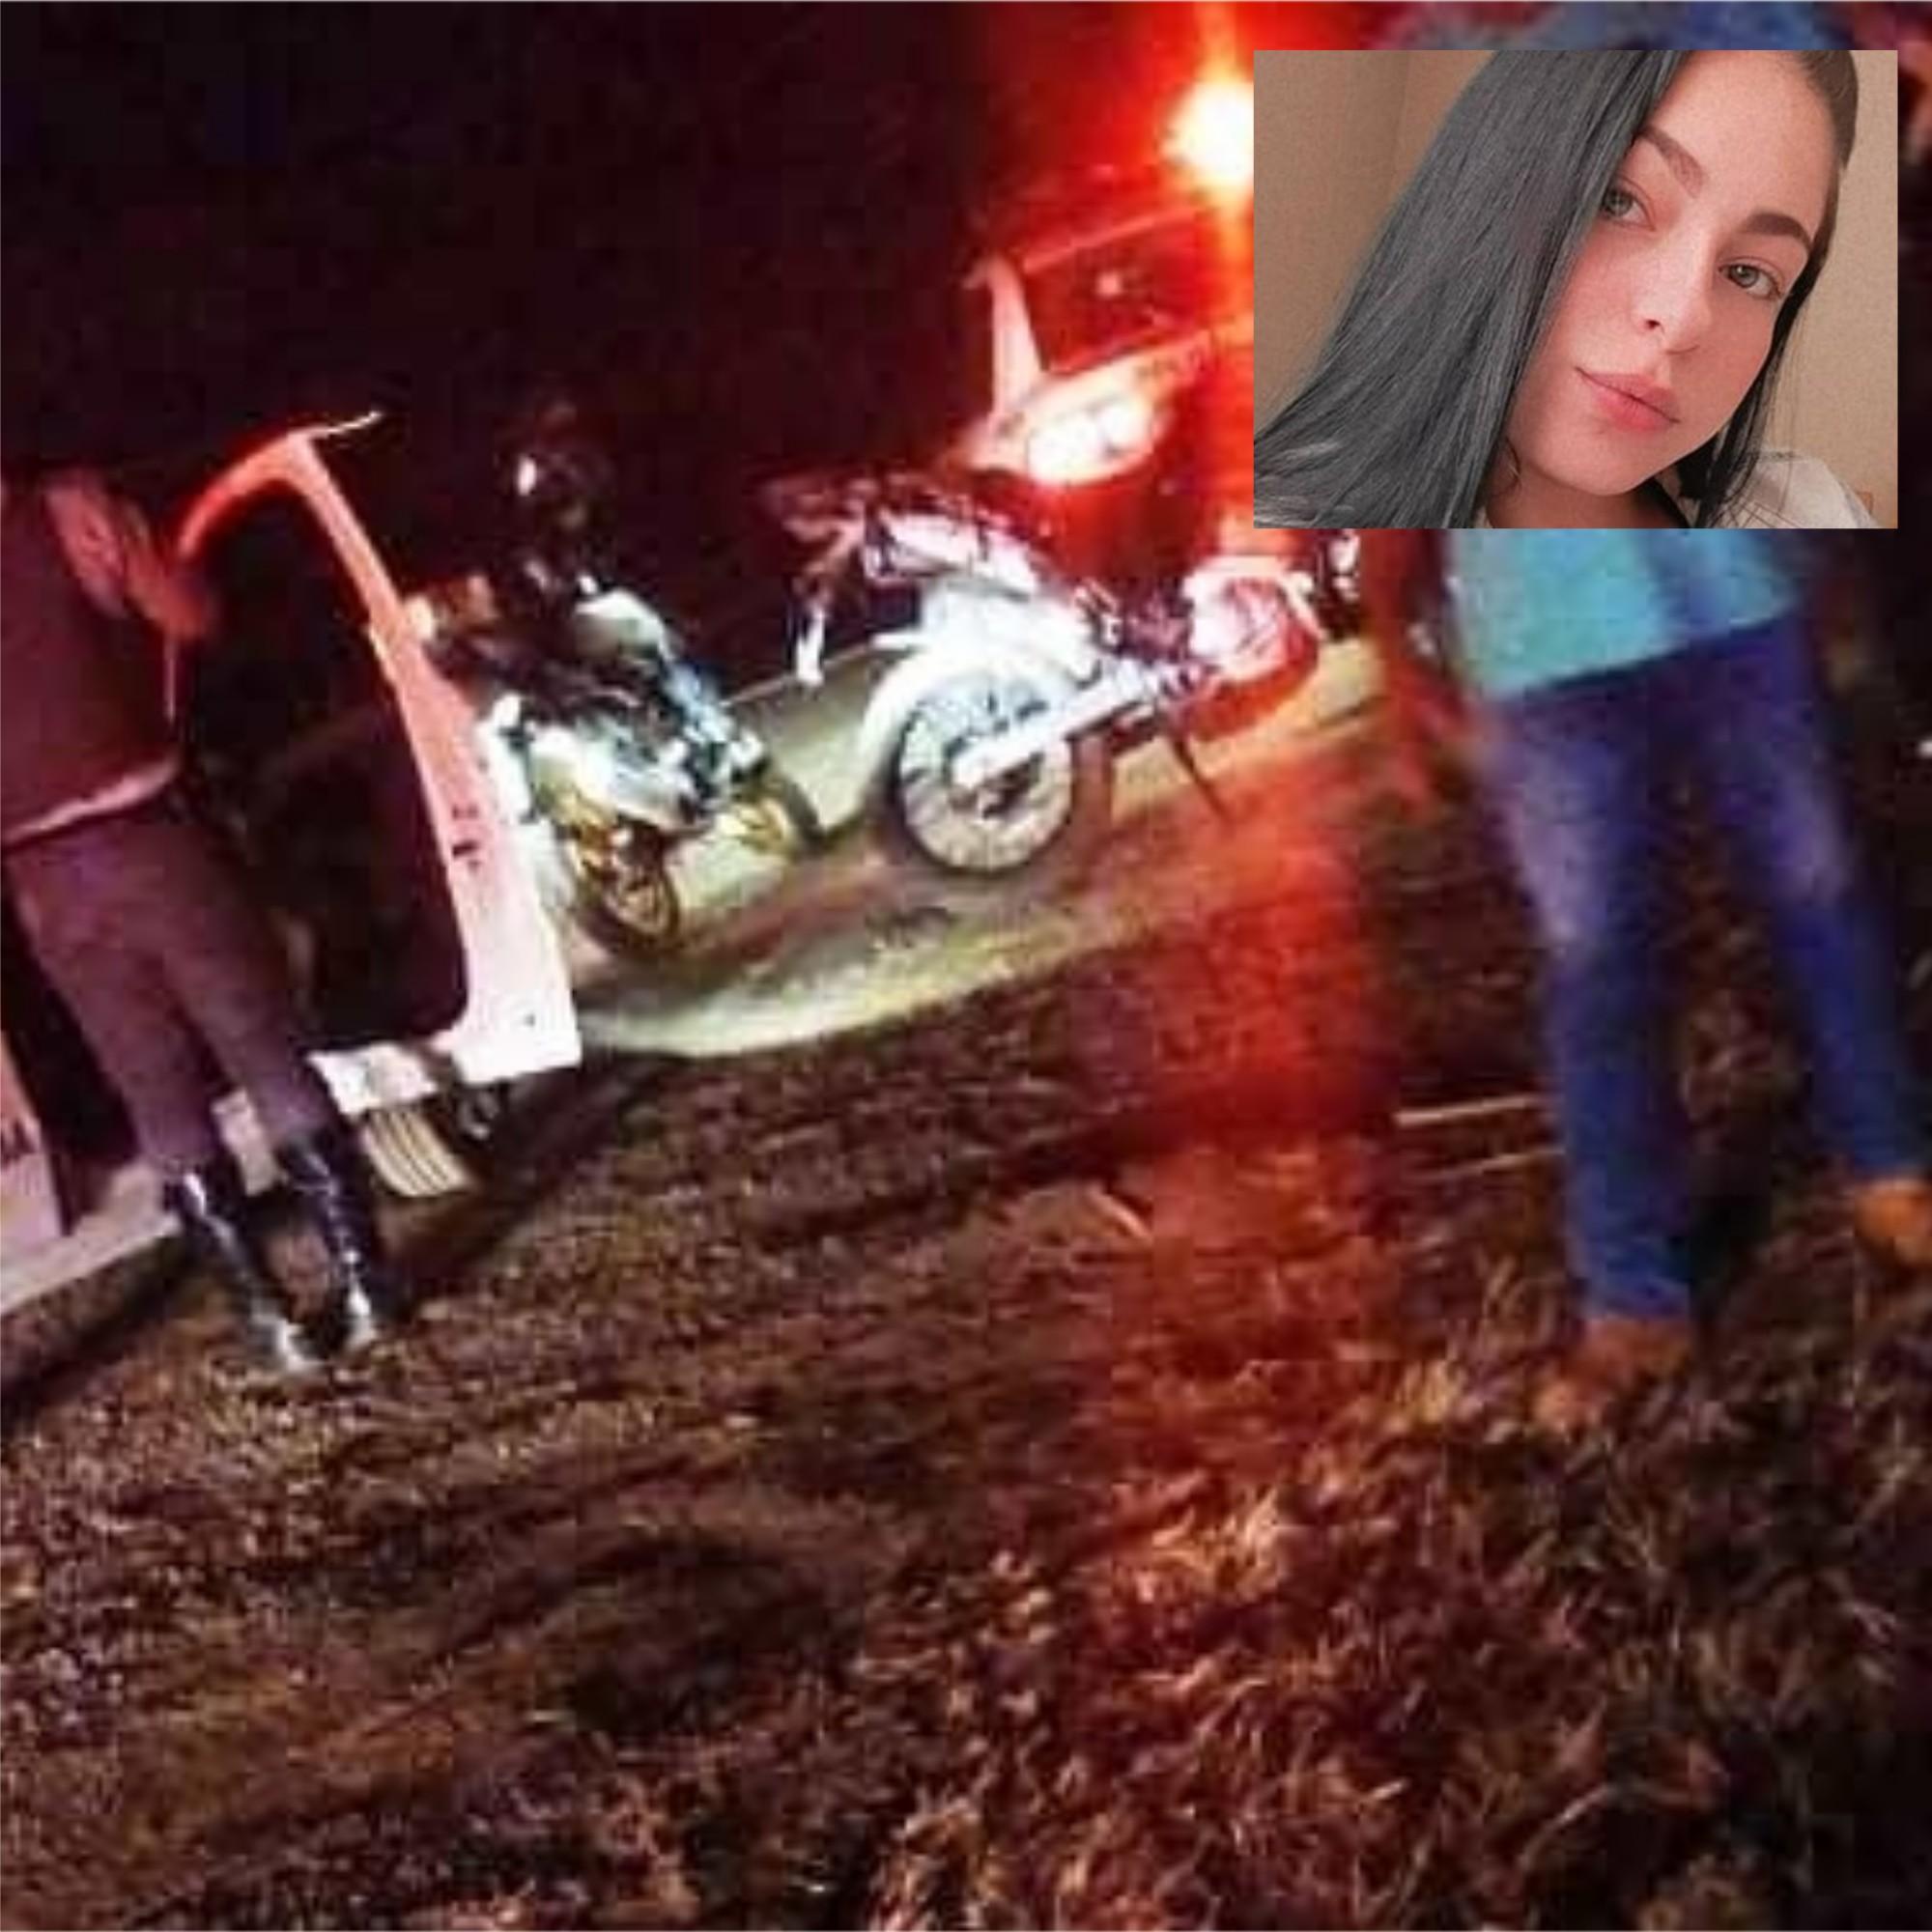 Jovem morre após cair de garupa de moto na SP-330 em Araras